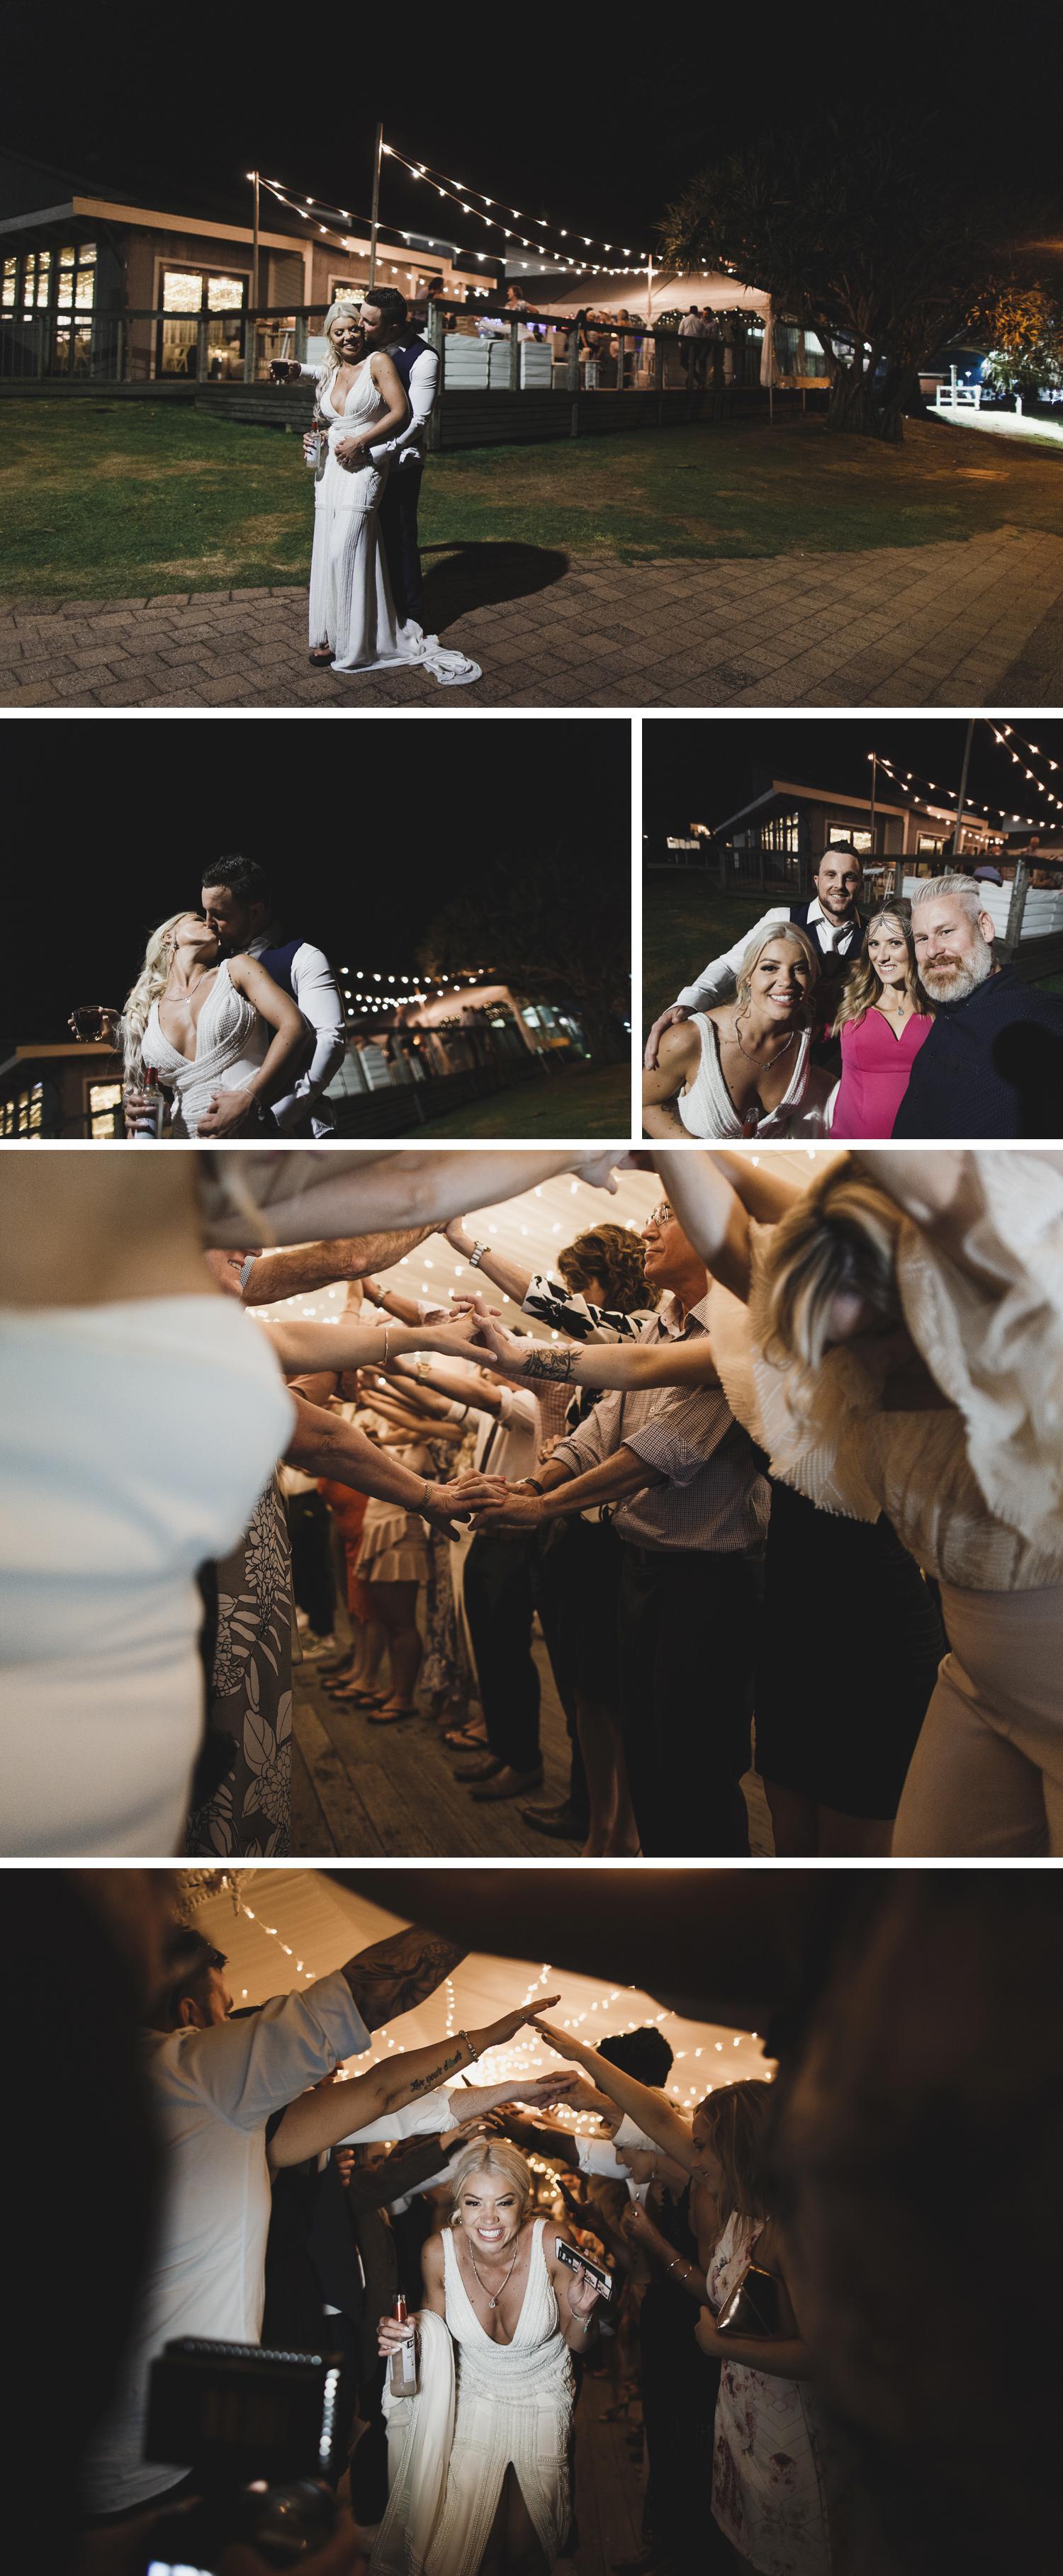 Byron Bay Victoria Wedding Photos, Byron Bay Surf Club Wedding, Byron Bay Lighthouse, Bride and Groom Dancing Wedding Photos by Danae Studios